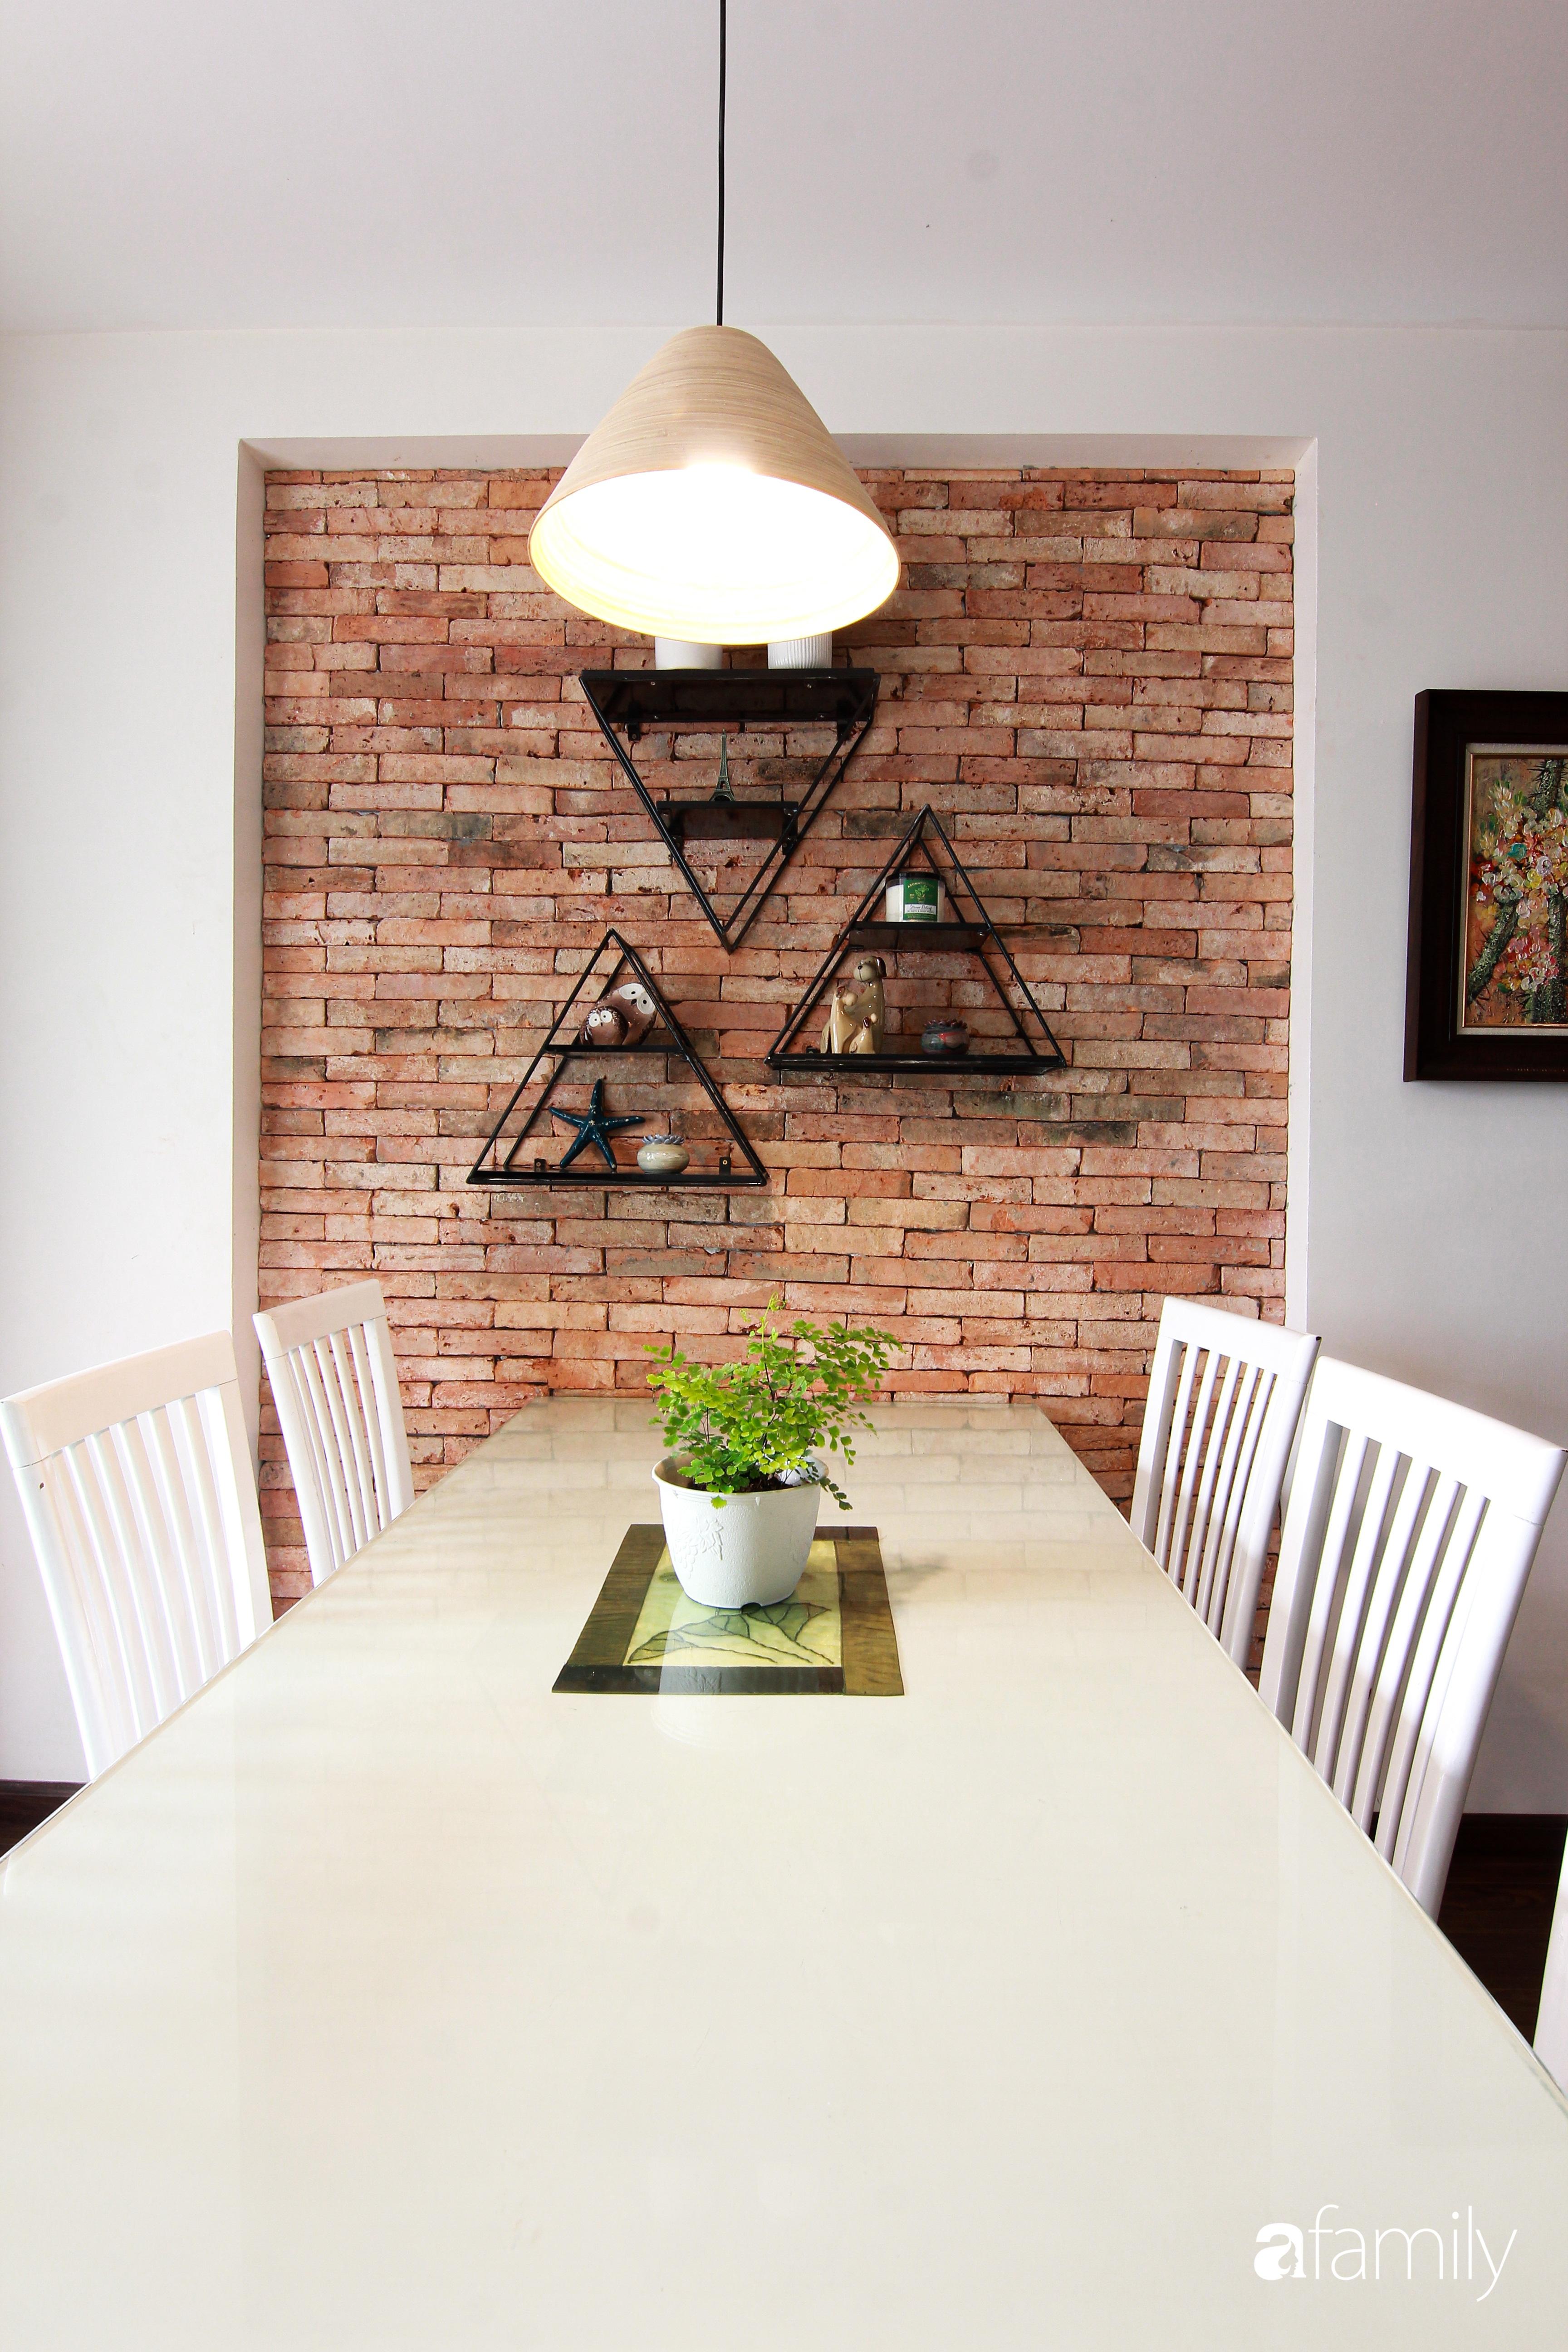 Căn hộ 150m² tối ưu không gian nhờ decor màu trung tính và phong cách hiện đại ở Cầu Giấy, Hà Nội - Ảnh 10.